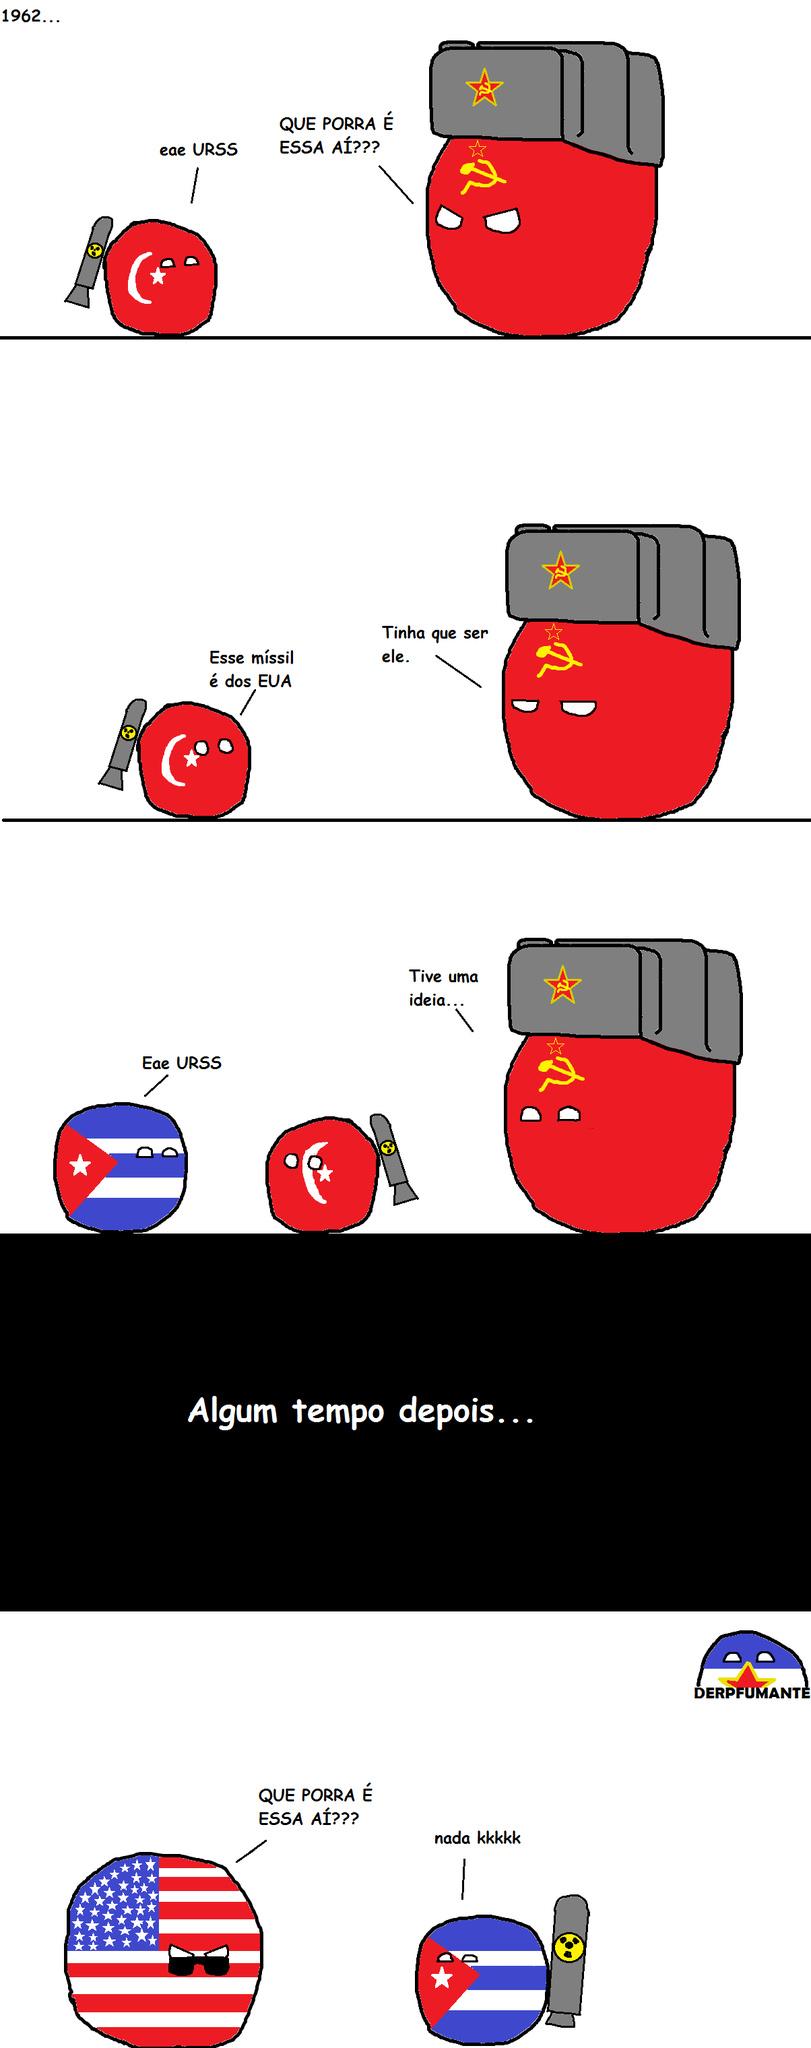 Crise dos mísseis - meme